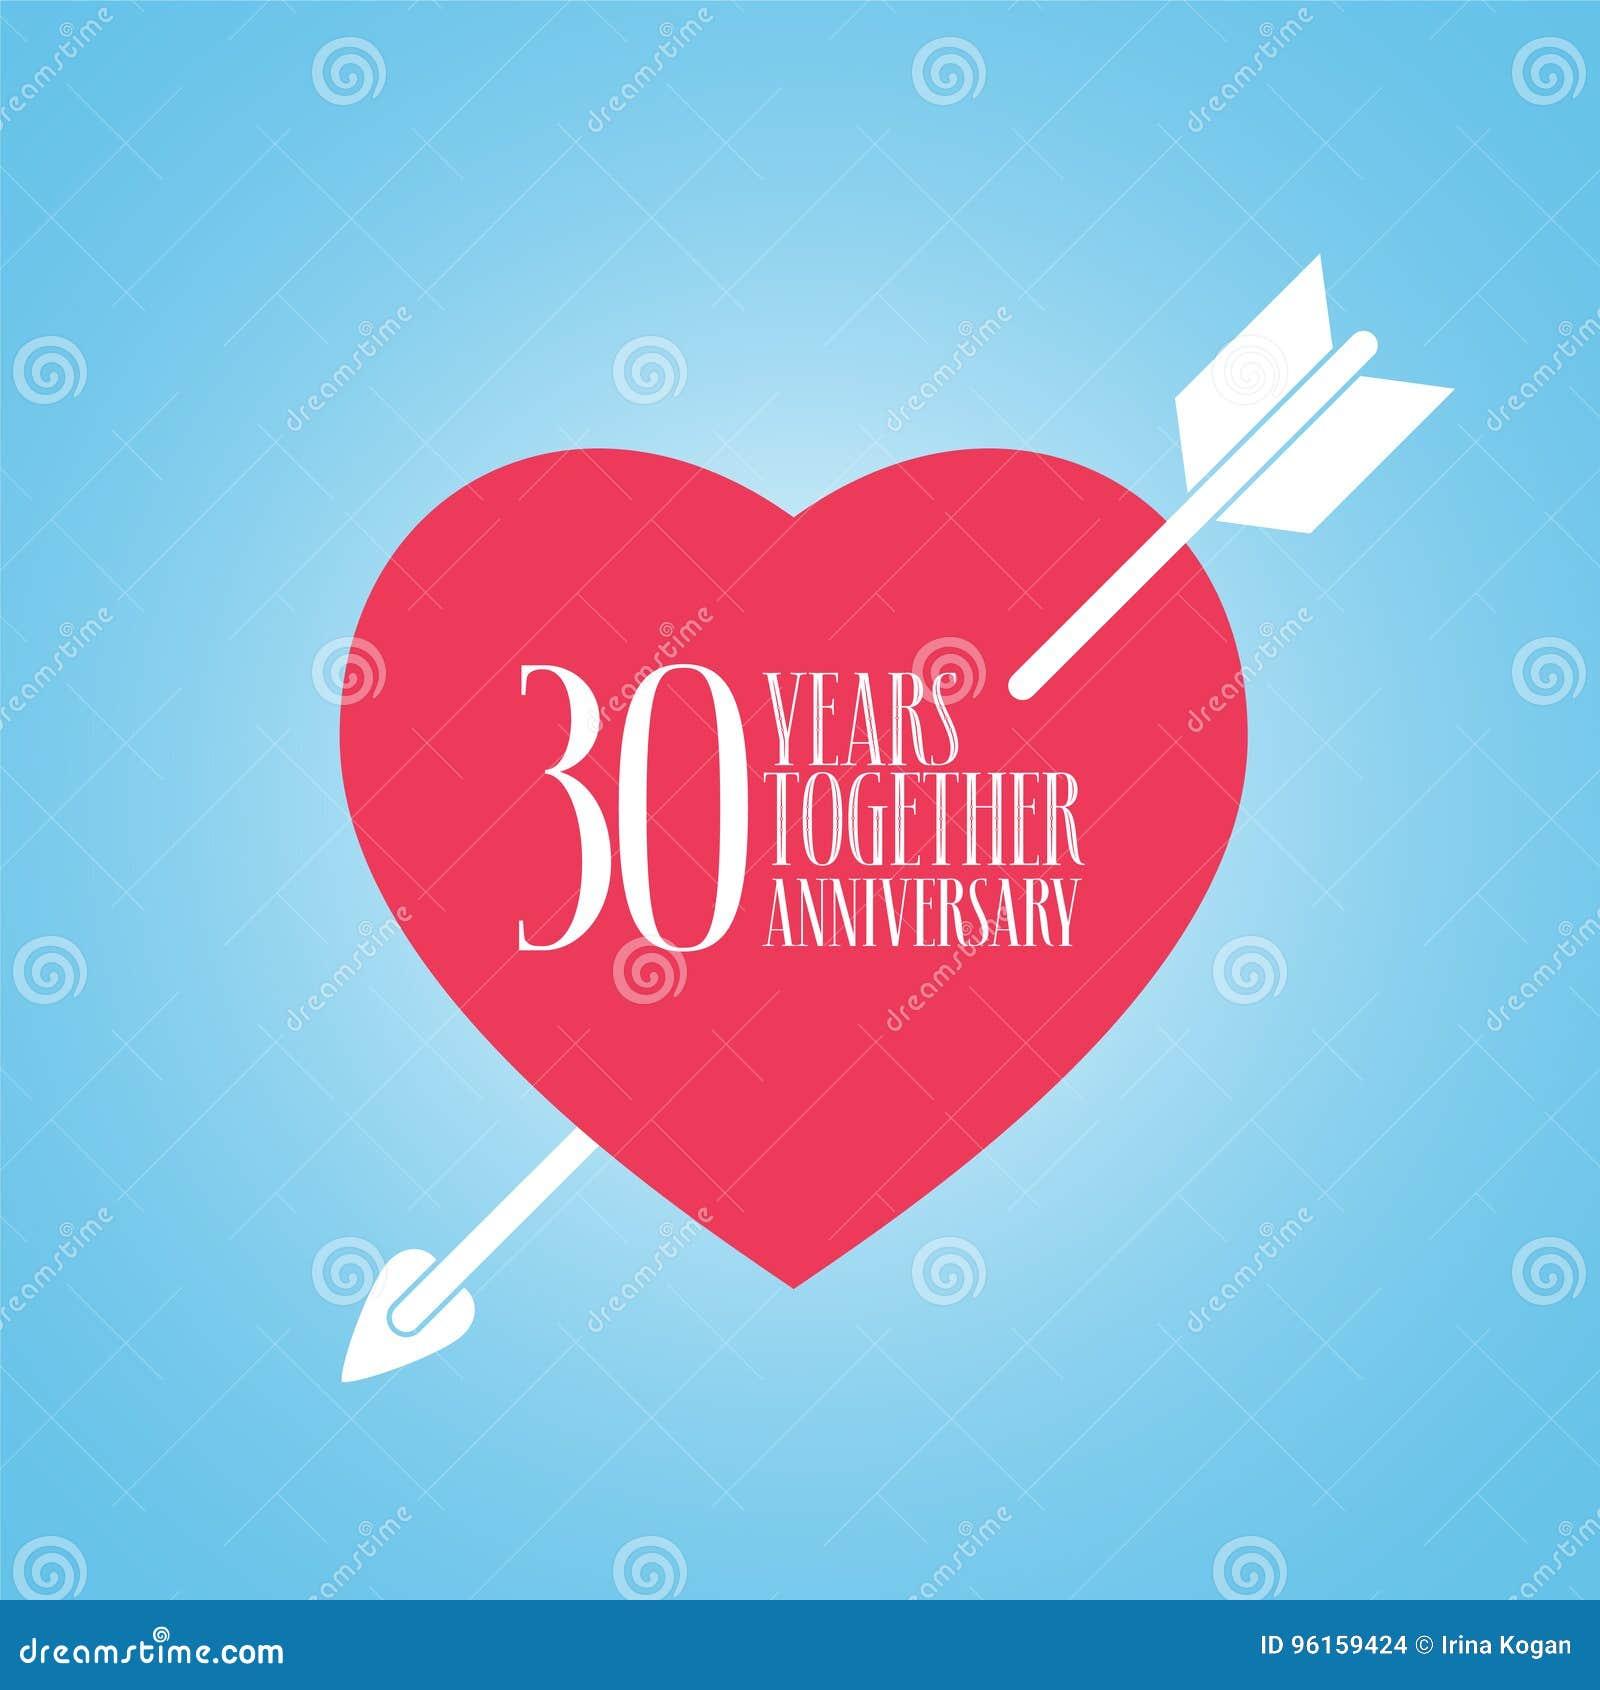 Anniversario Matrimonio 30 Anni.30 Anni Di Anniversario Dell Icona Di Vettore Di Matrimonio O Di